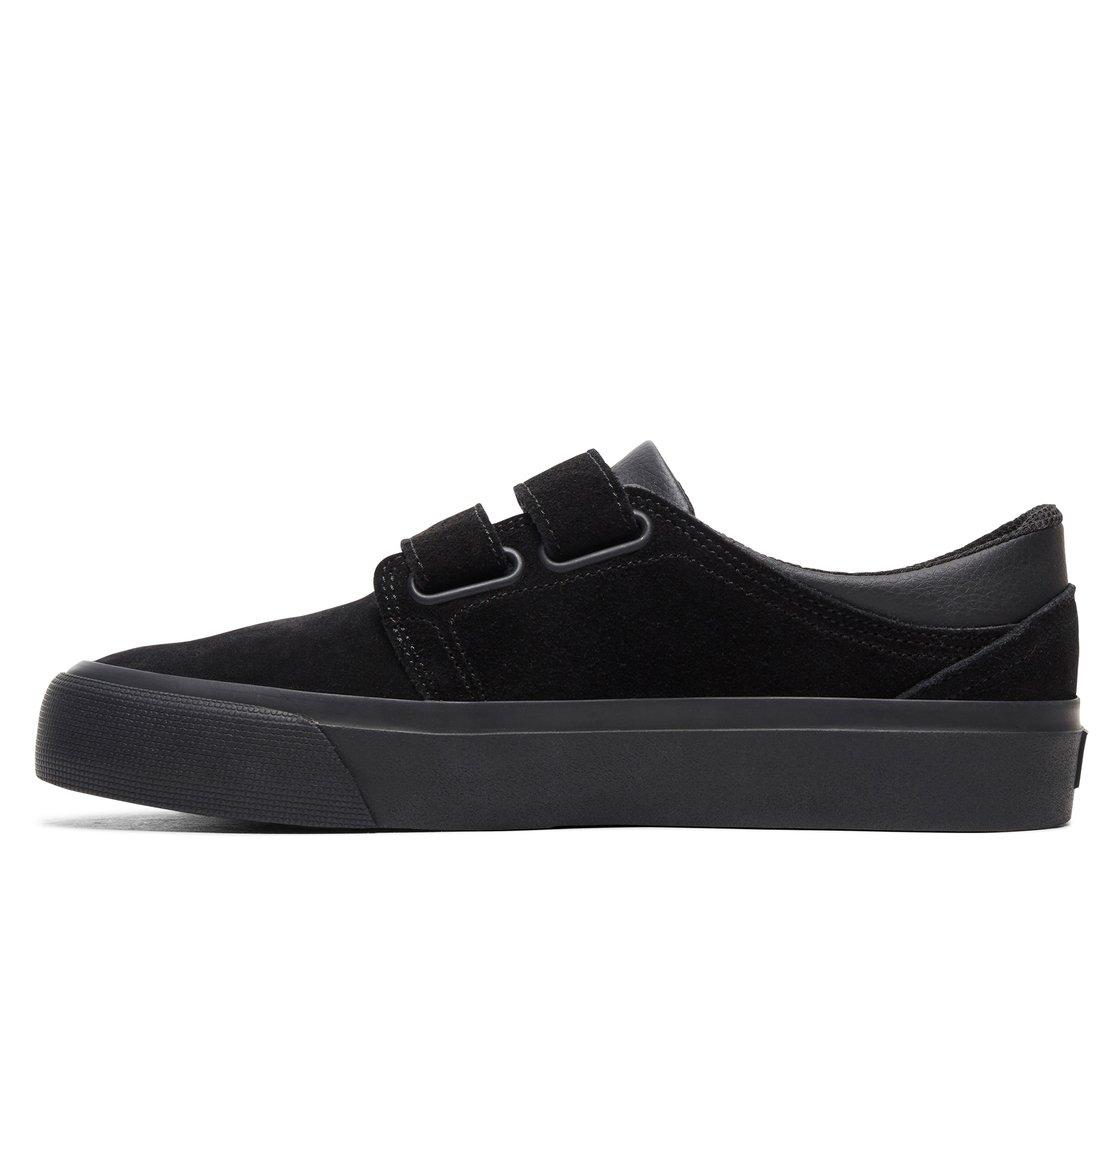 DC Shoes Trase NU - Shoes - Chaussures - Homme - US 9 / UK 8 / EU 42 - Blanc pRxZ2GD8k